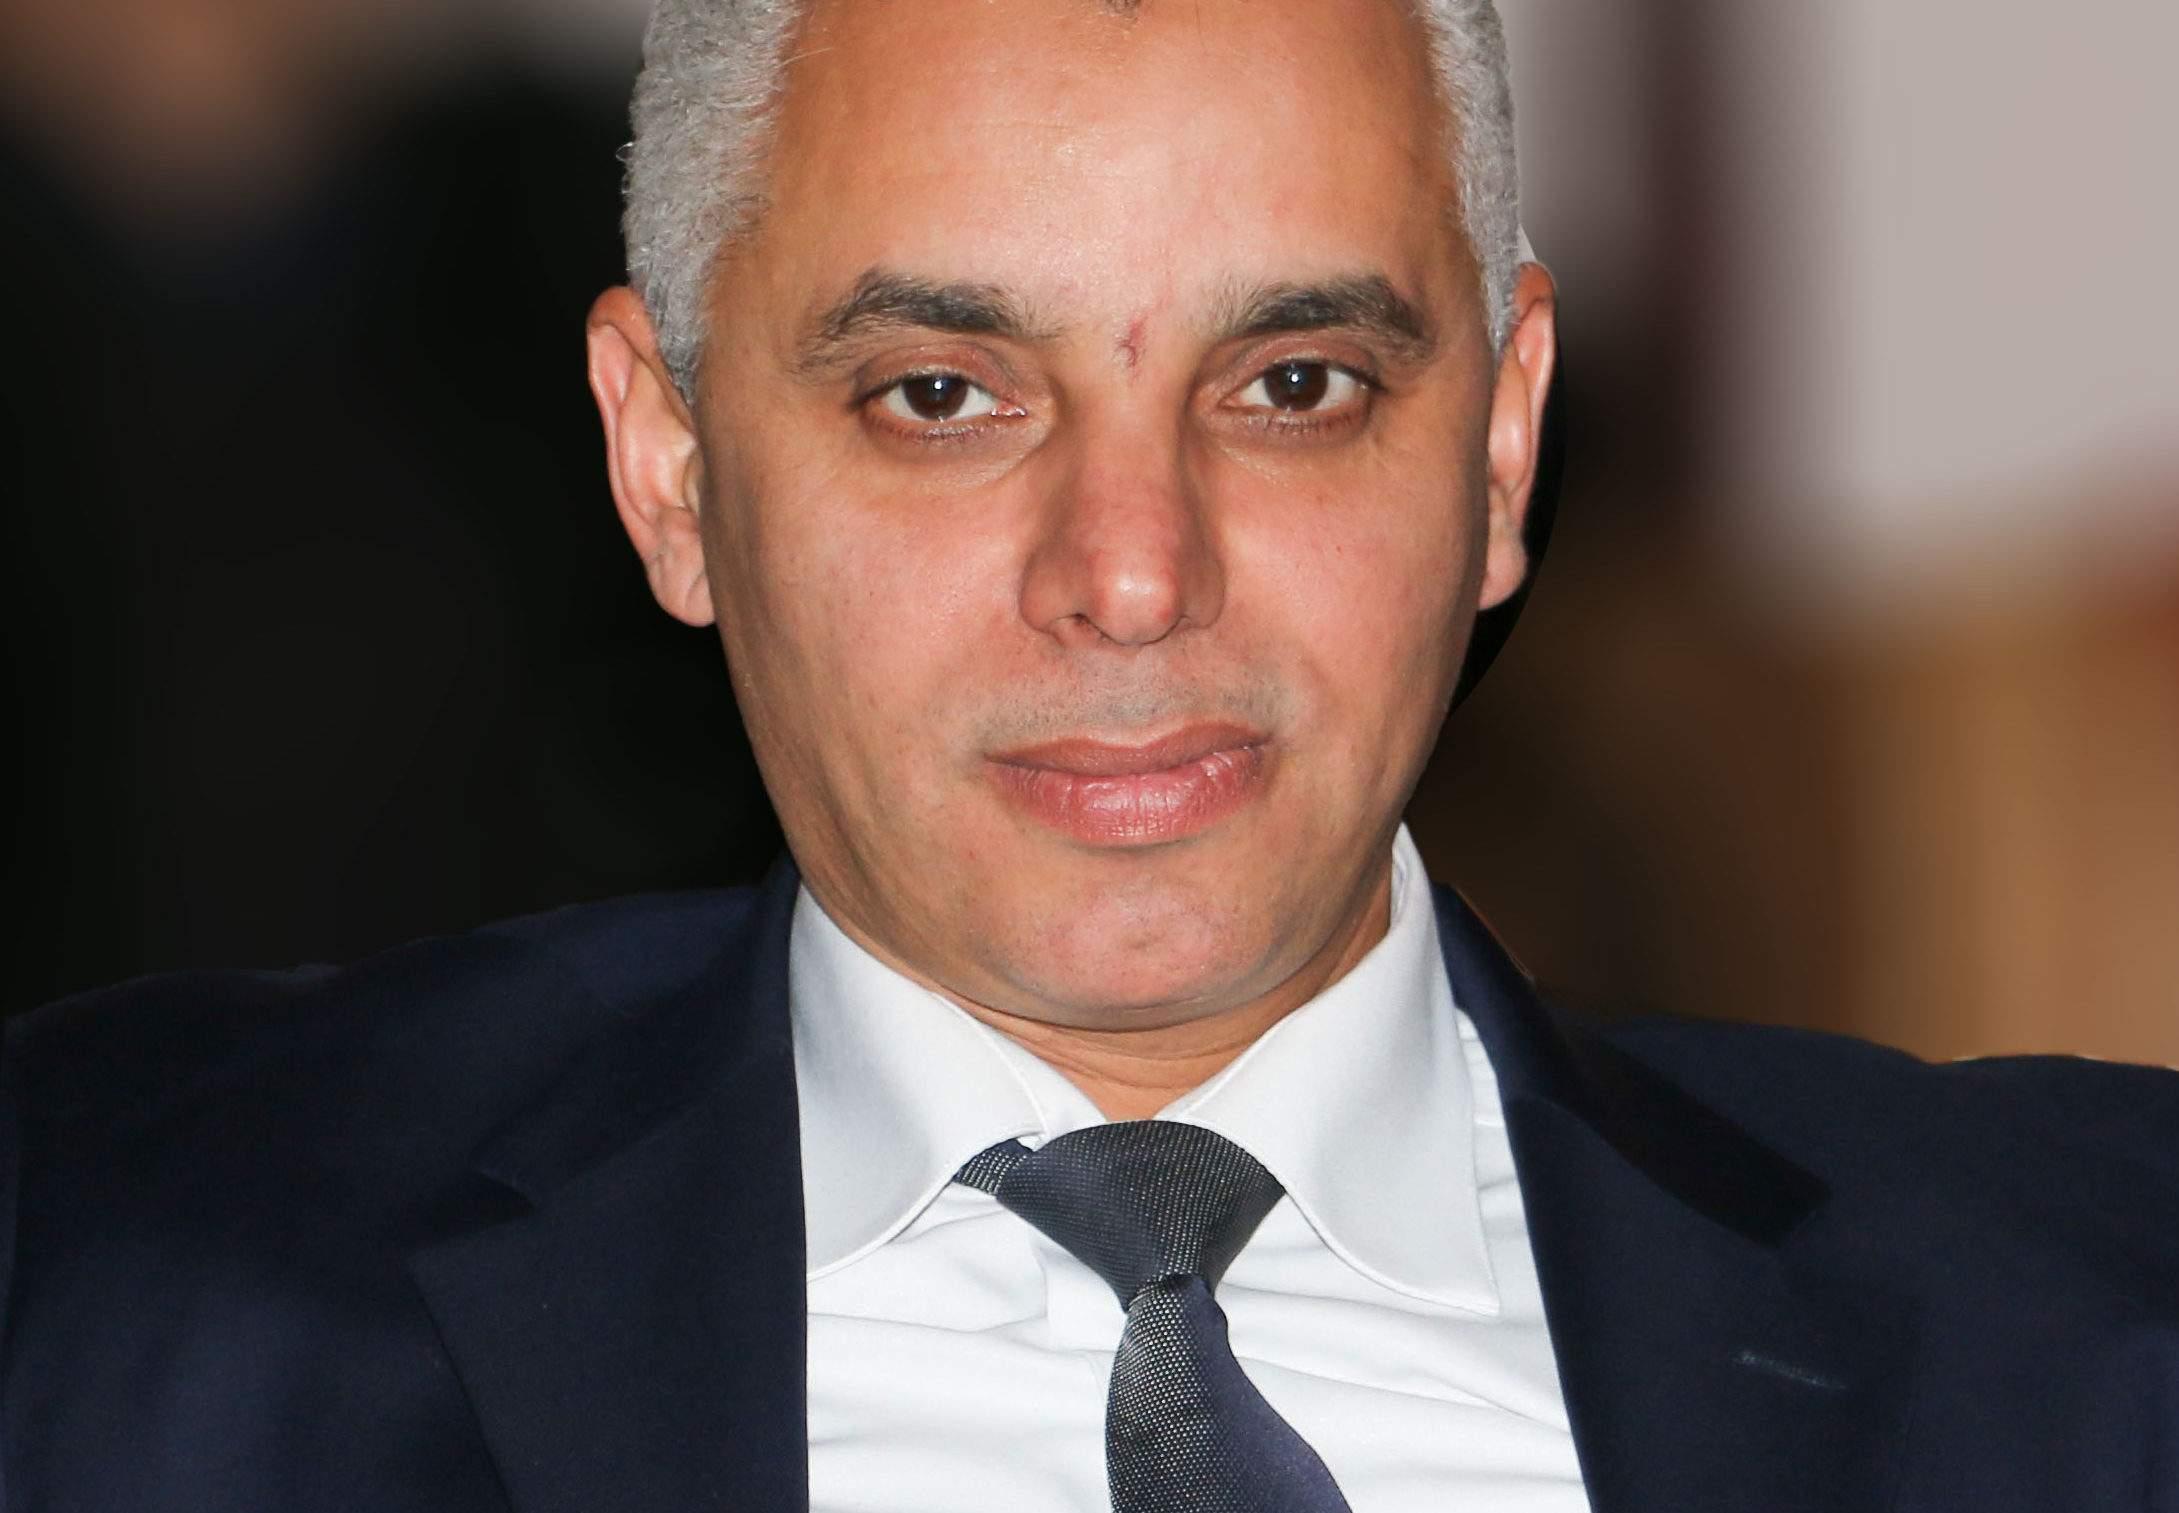 نائبة برلمانية سابقة وراء فضيحة اتهام وزير الصحة